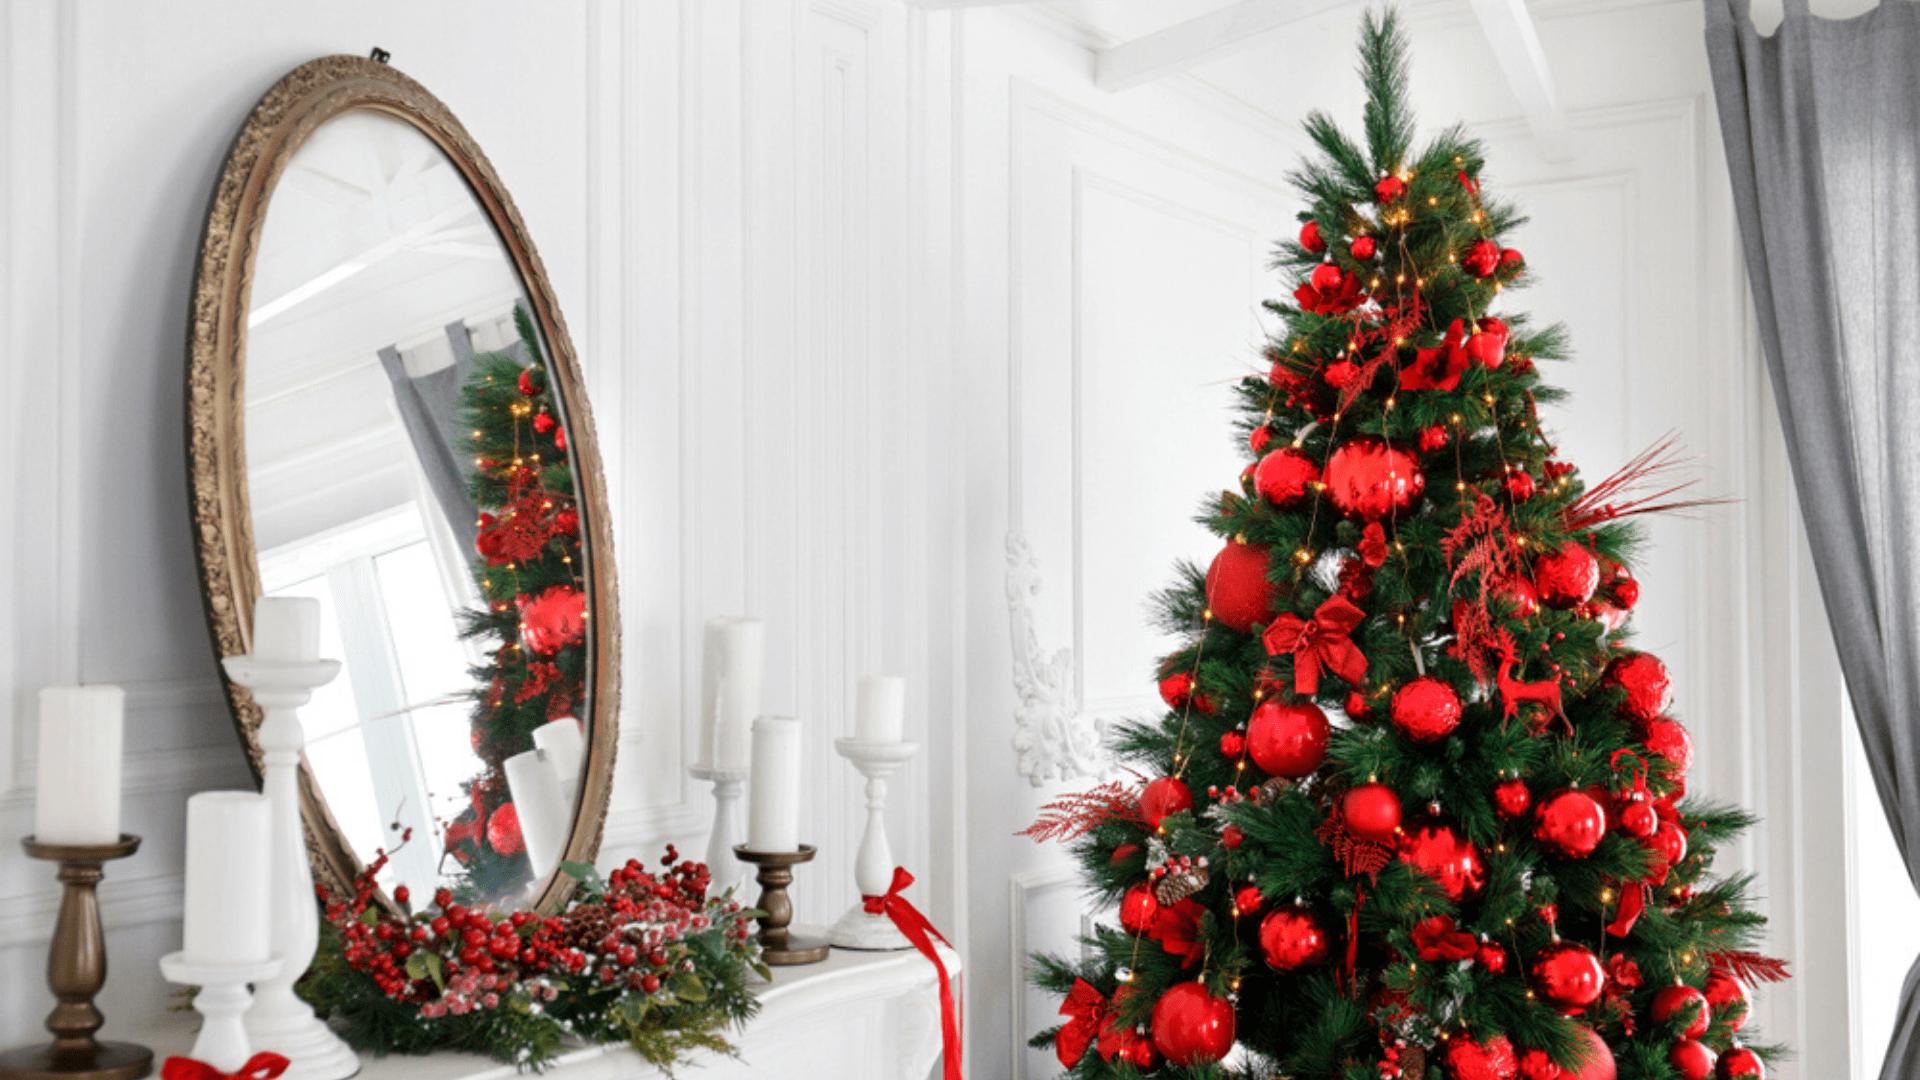 Árvore de Natal vermelha (Imagem: Reprodução/Shutterstock)